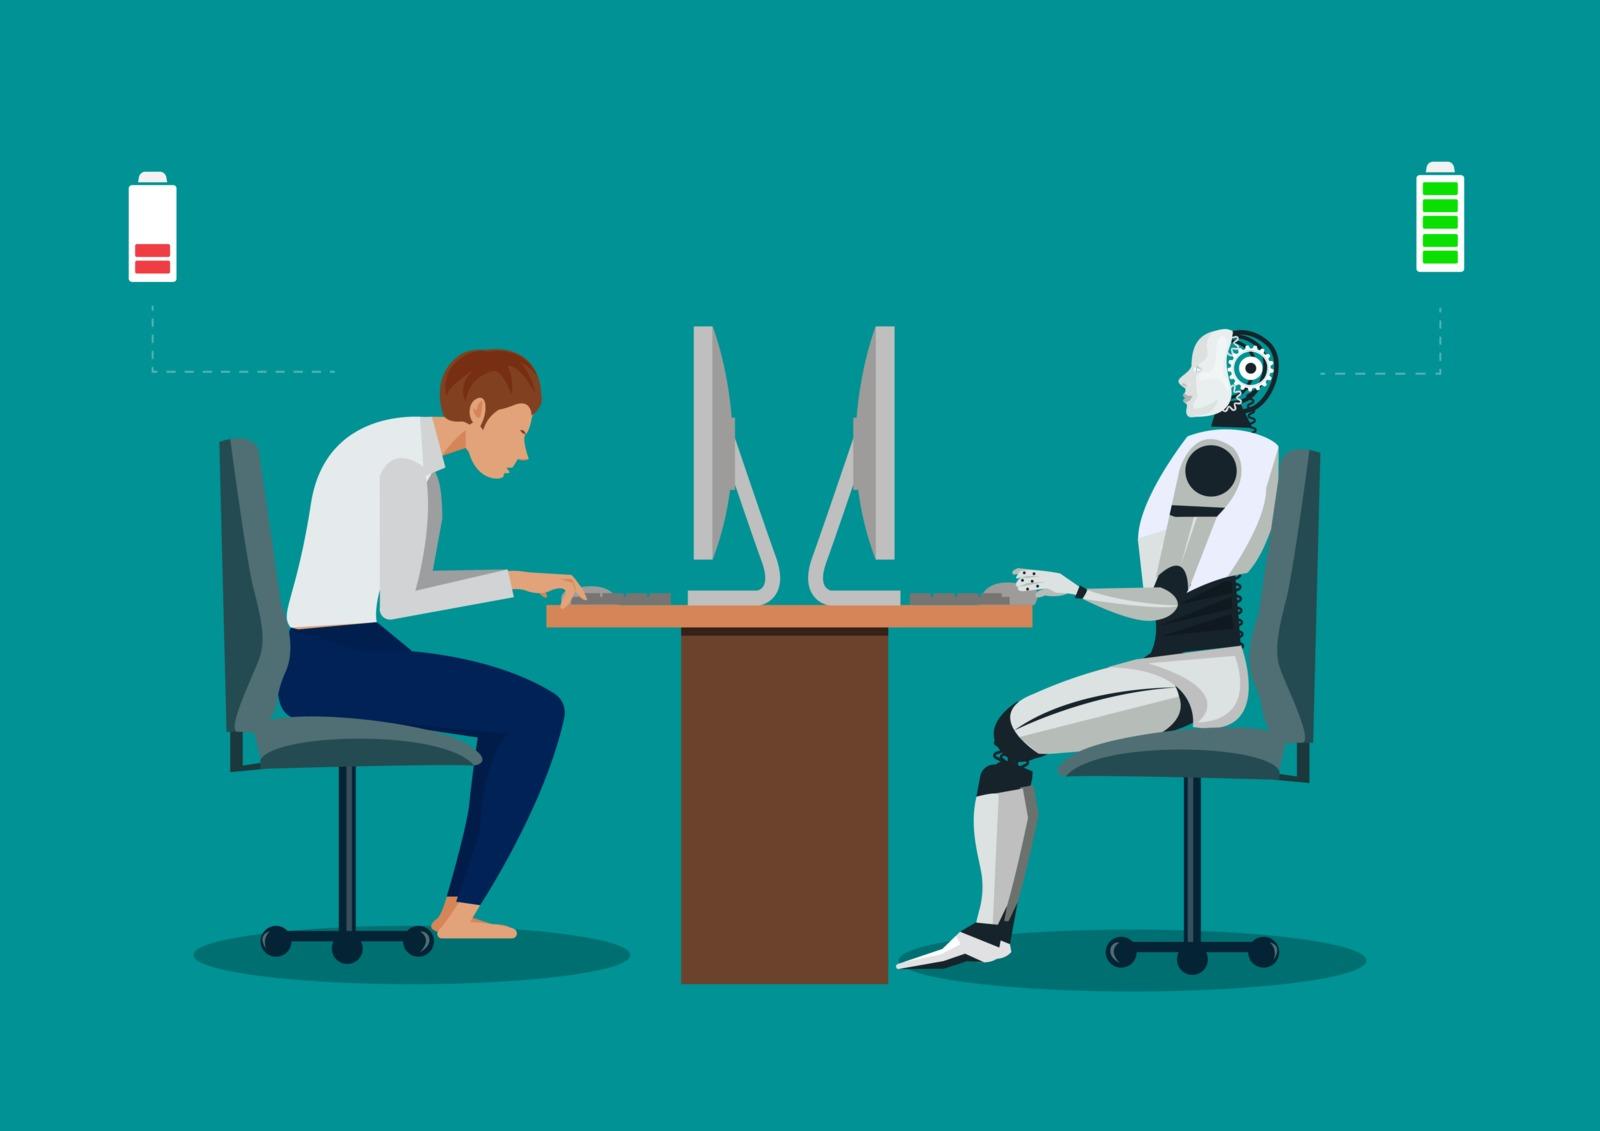 【Power Automate Desktop(PAD)の使い方】EdgeブラウザとExcelの基本操作を自動化するRPAの実装